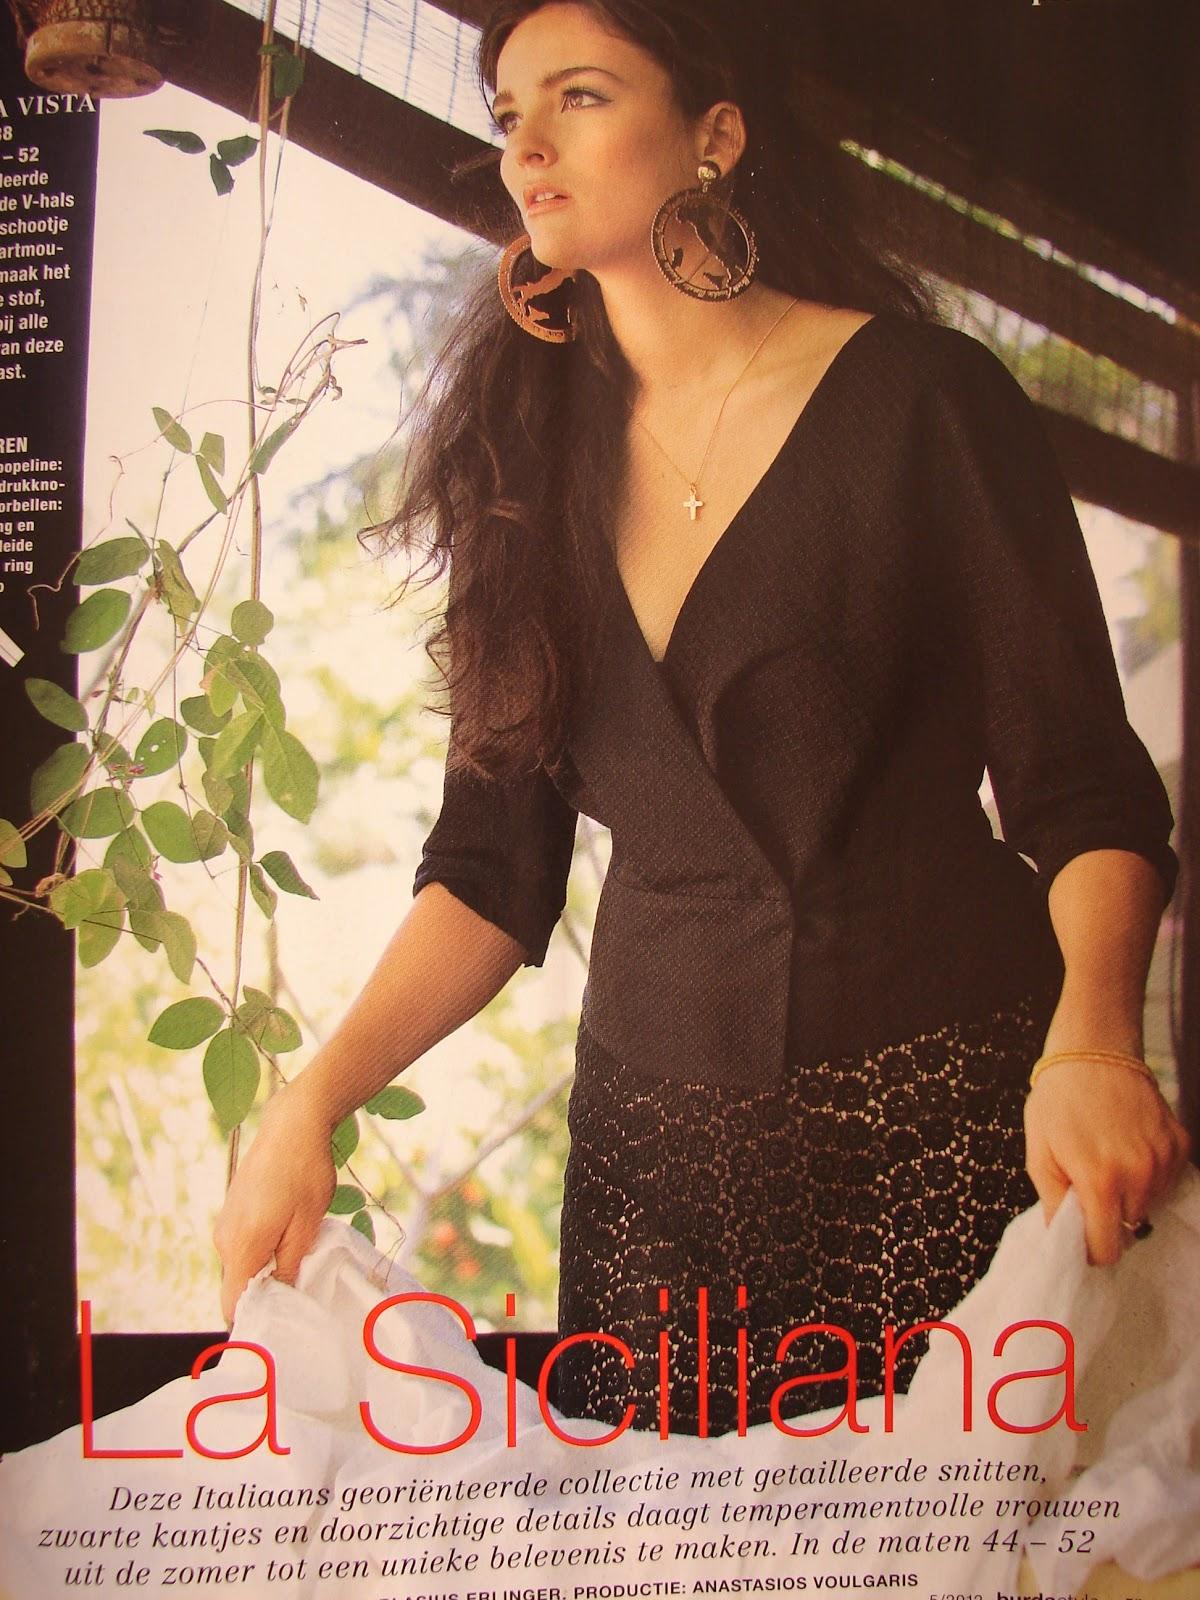 f2711c65639dd9 Deze blouse wordt nu gedragen op het rokje van hierboven... is een prachtig  plaatje zo met dat losse haar